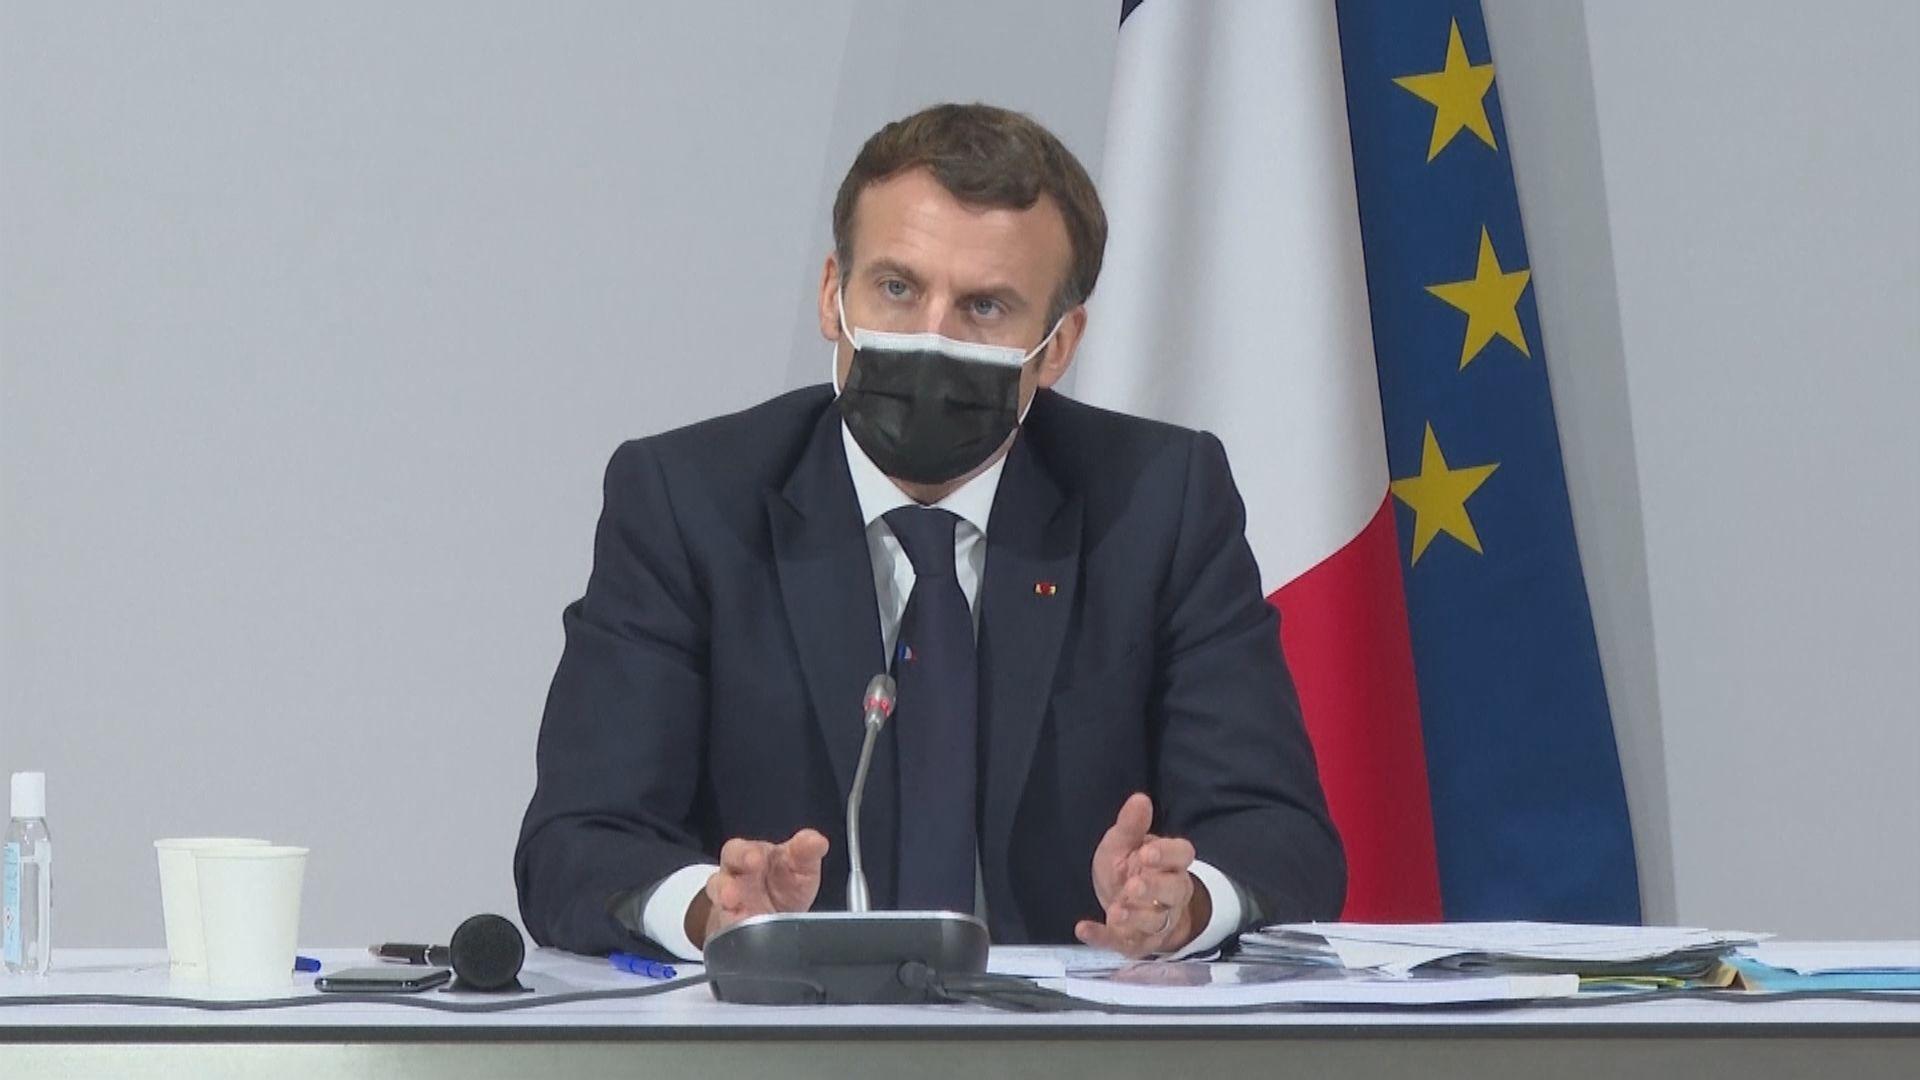 法國總統馬克龍確診感染新冠病毒